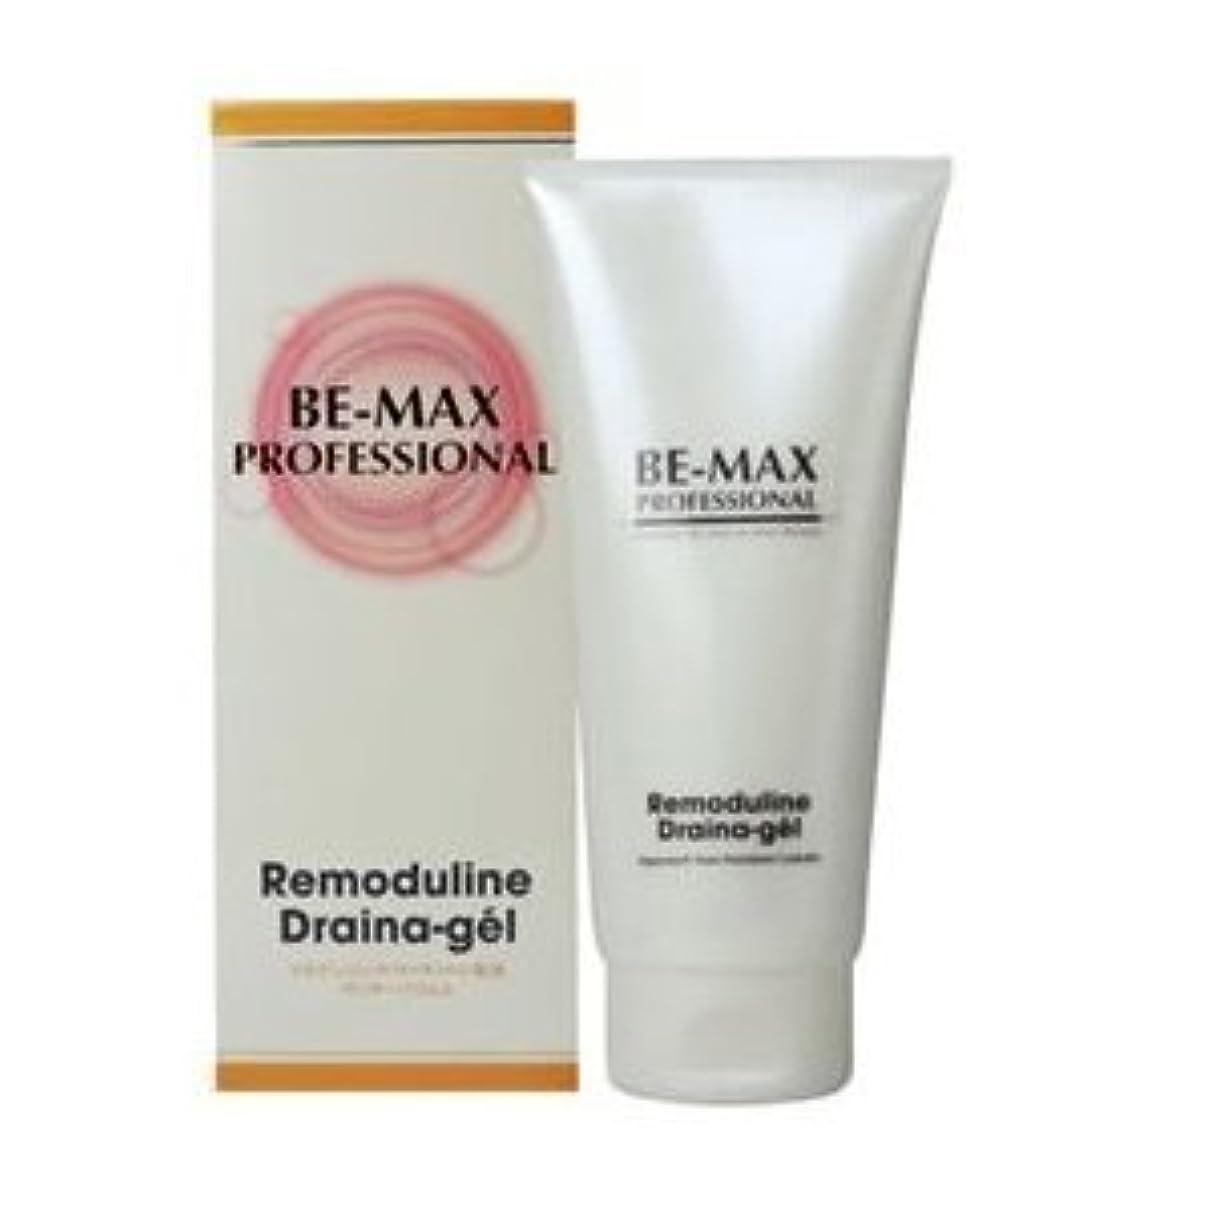 ルネッサンス借りている省略BE-MAX PROFESSIONAL Remoduline Draina-gel リモデュリンドレナージェル 200G